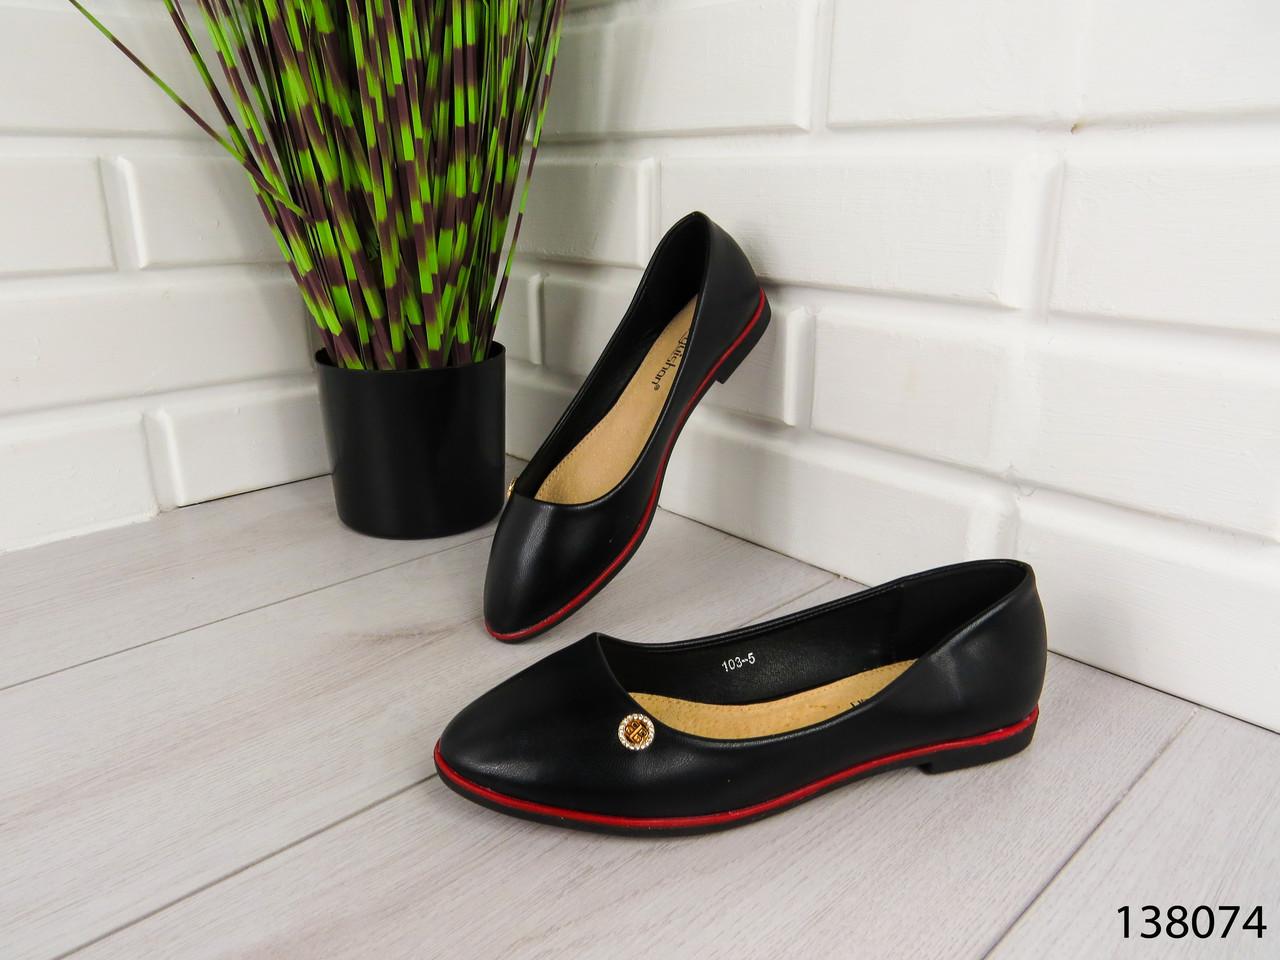 """Балетки, мокасини чорні """"Ribon"""" еко шкіра, легка, повсякденна, зручна жіноча взуття"""